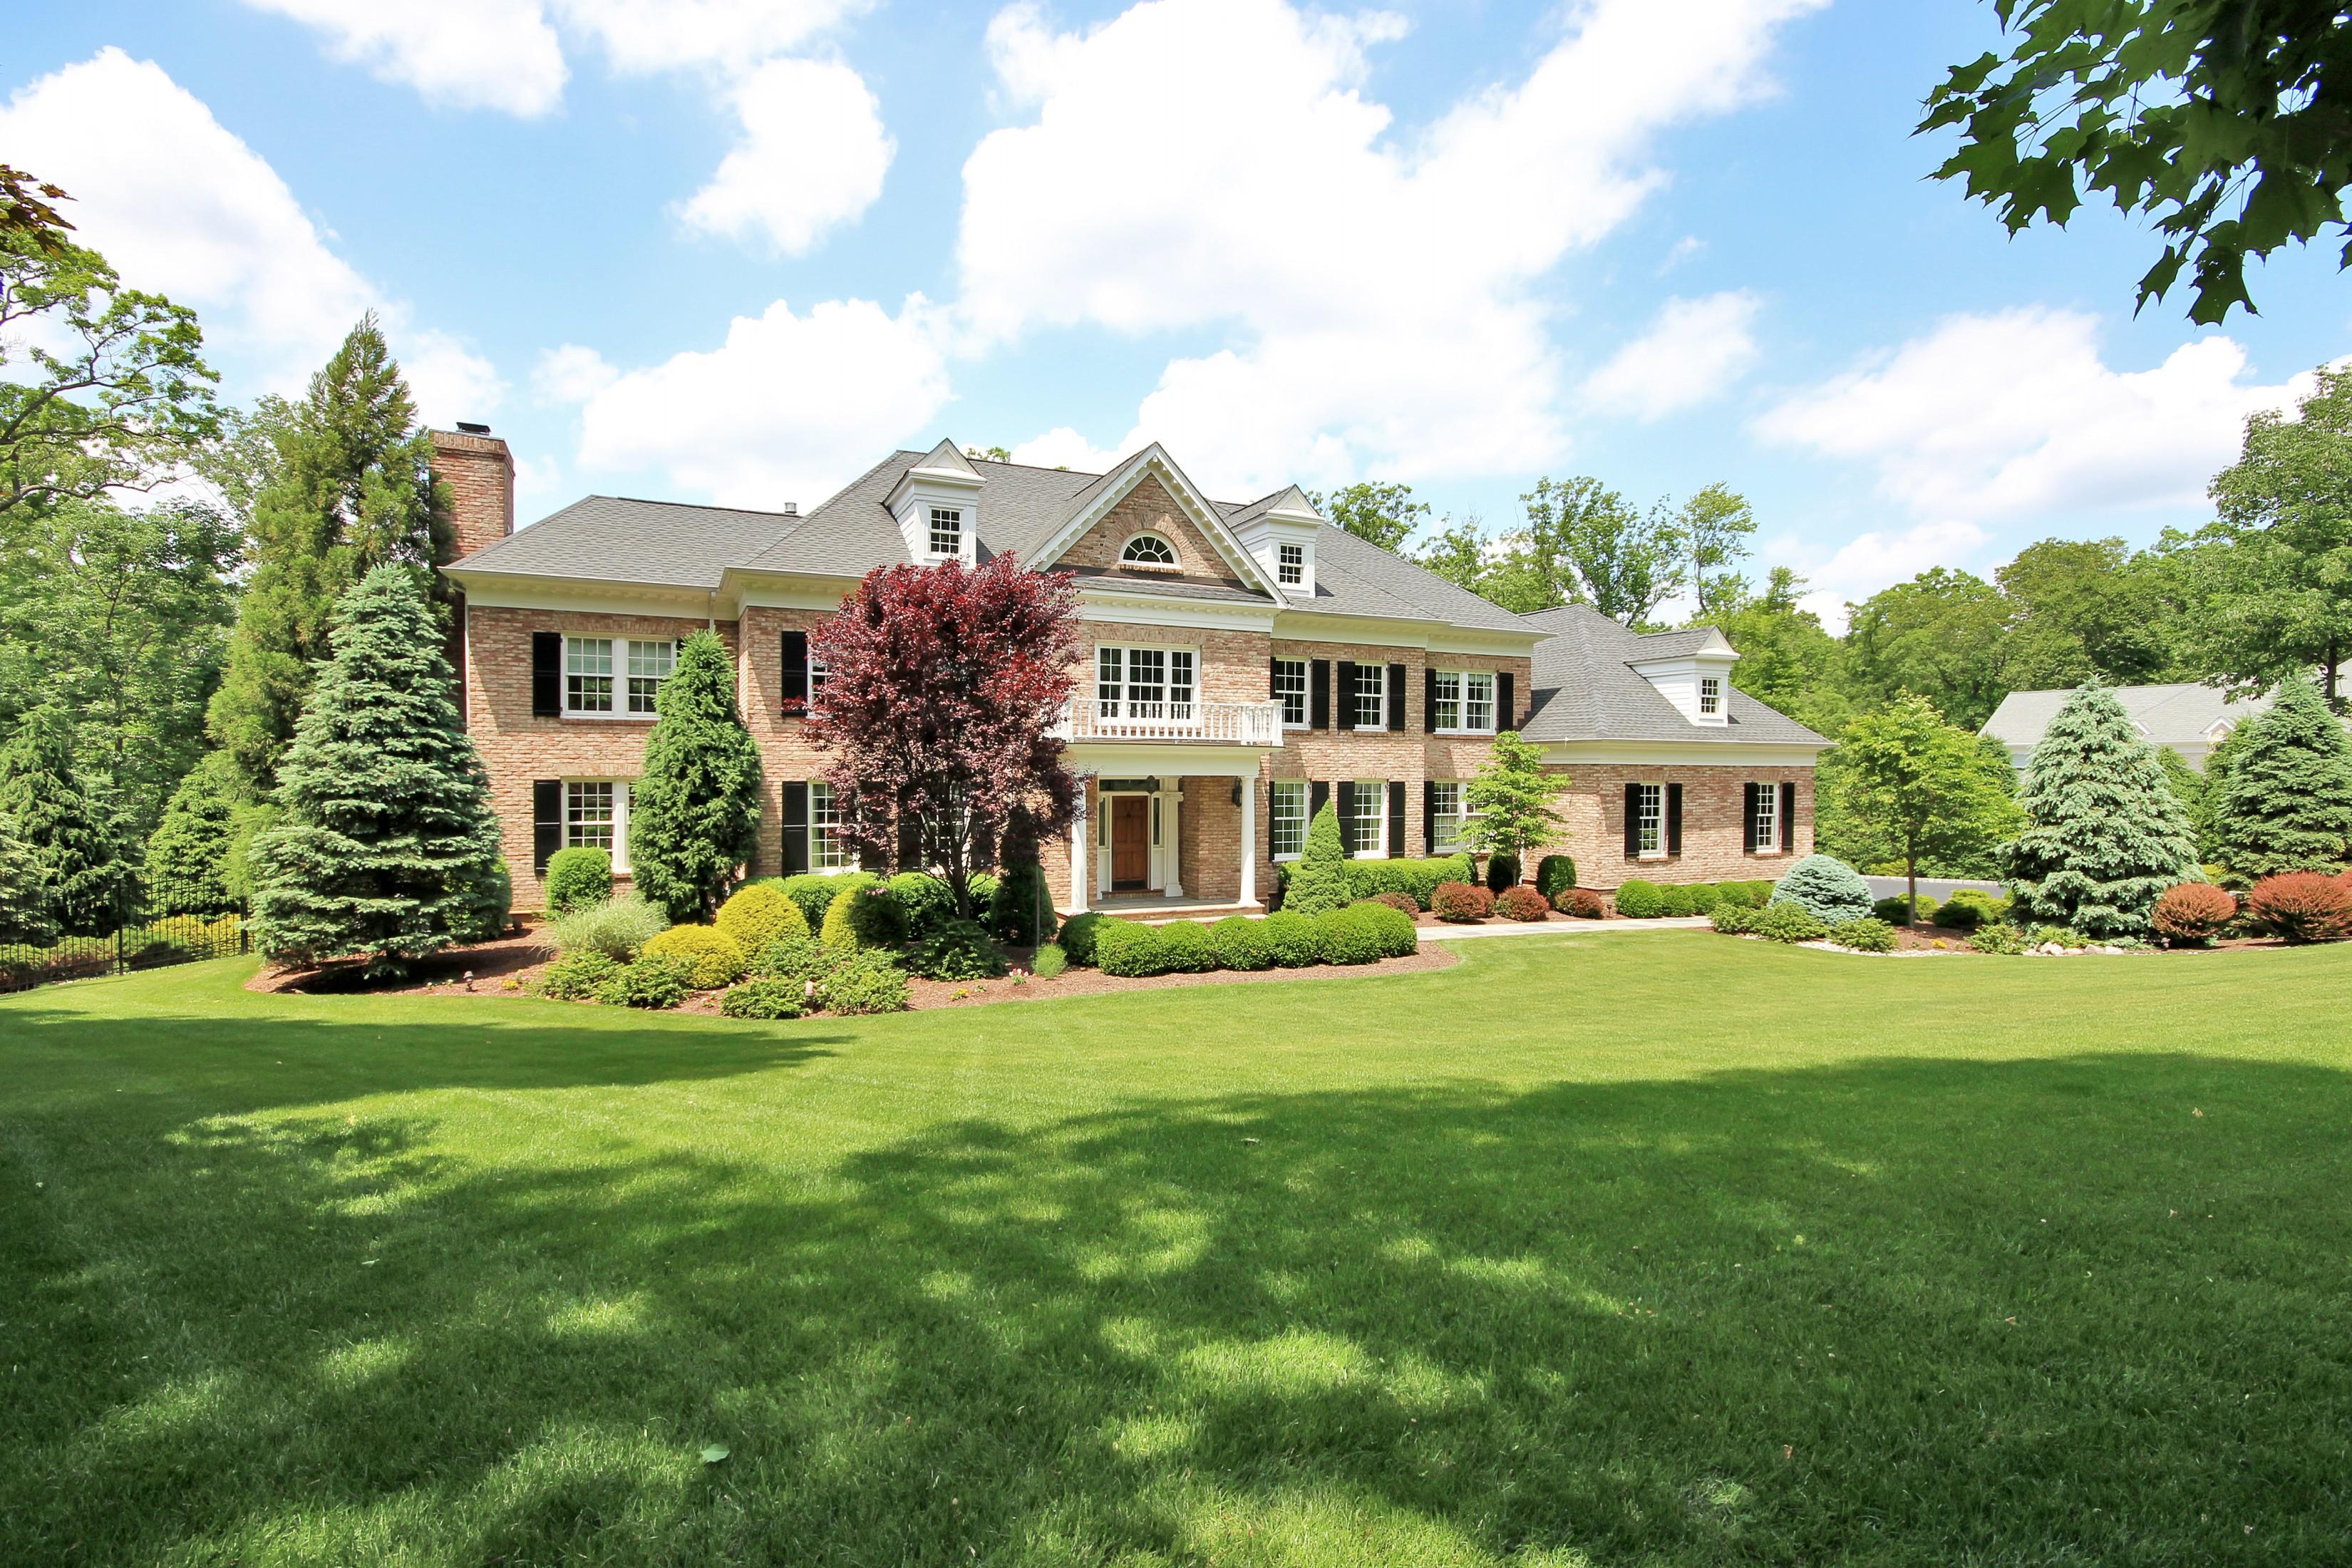 Villa per Vendita alle ore Exceptional. Meticulous. Refined. Complete. 56 Will Lane Watchung, New Jersey 07069 Stati Uniti